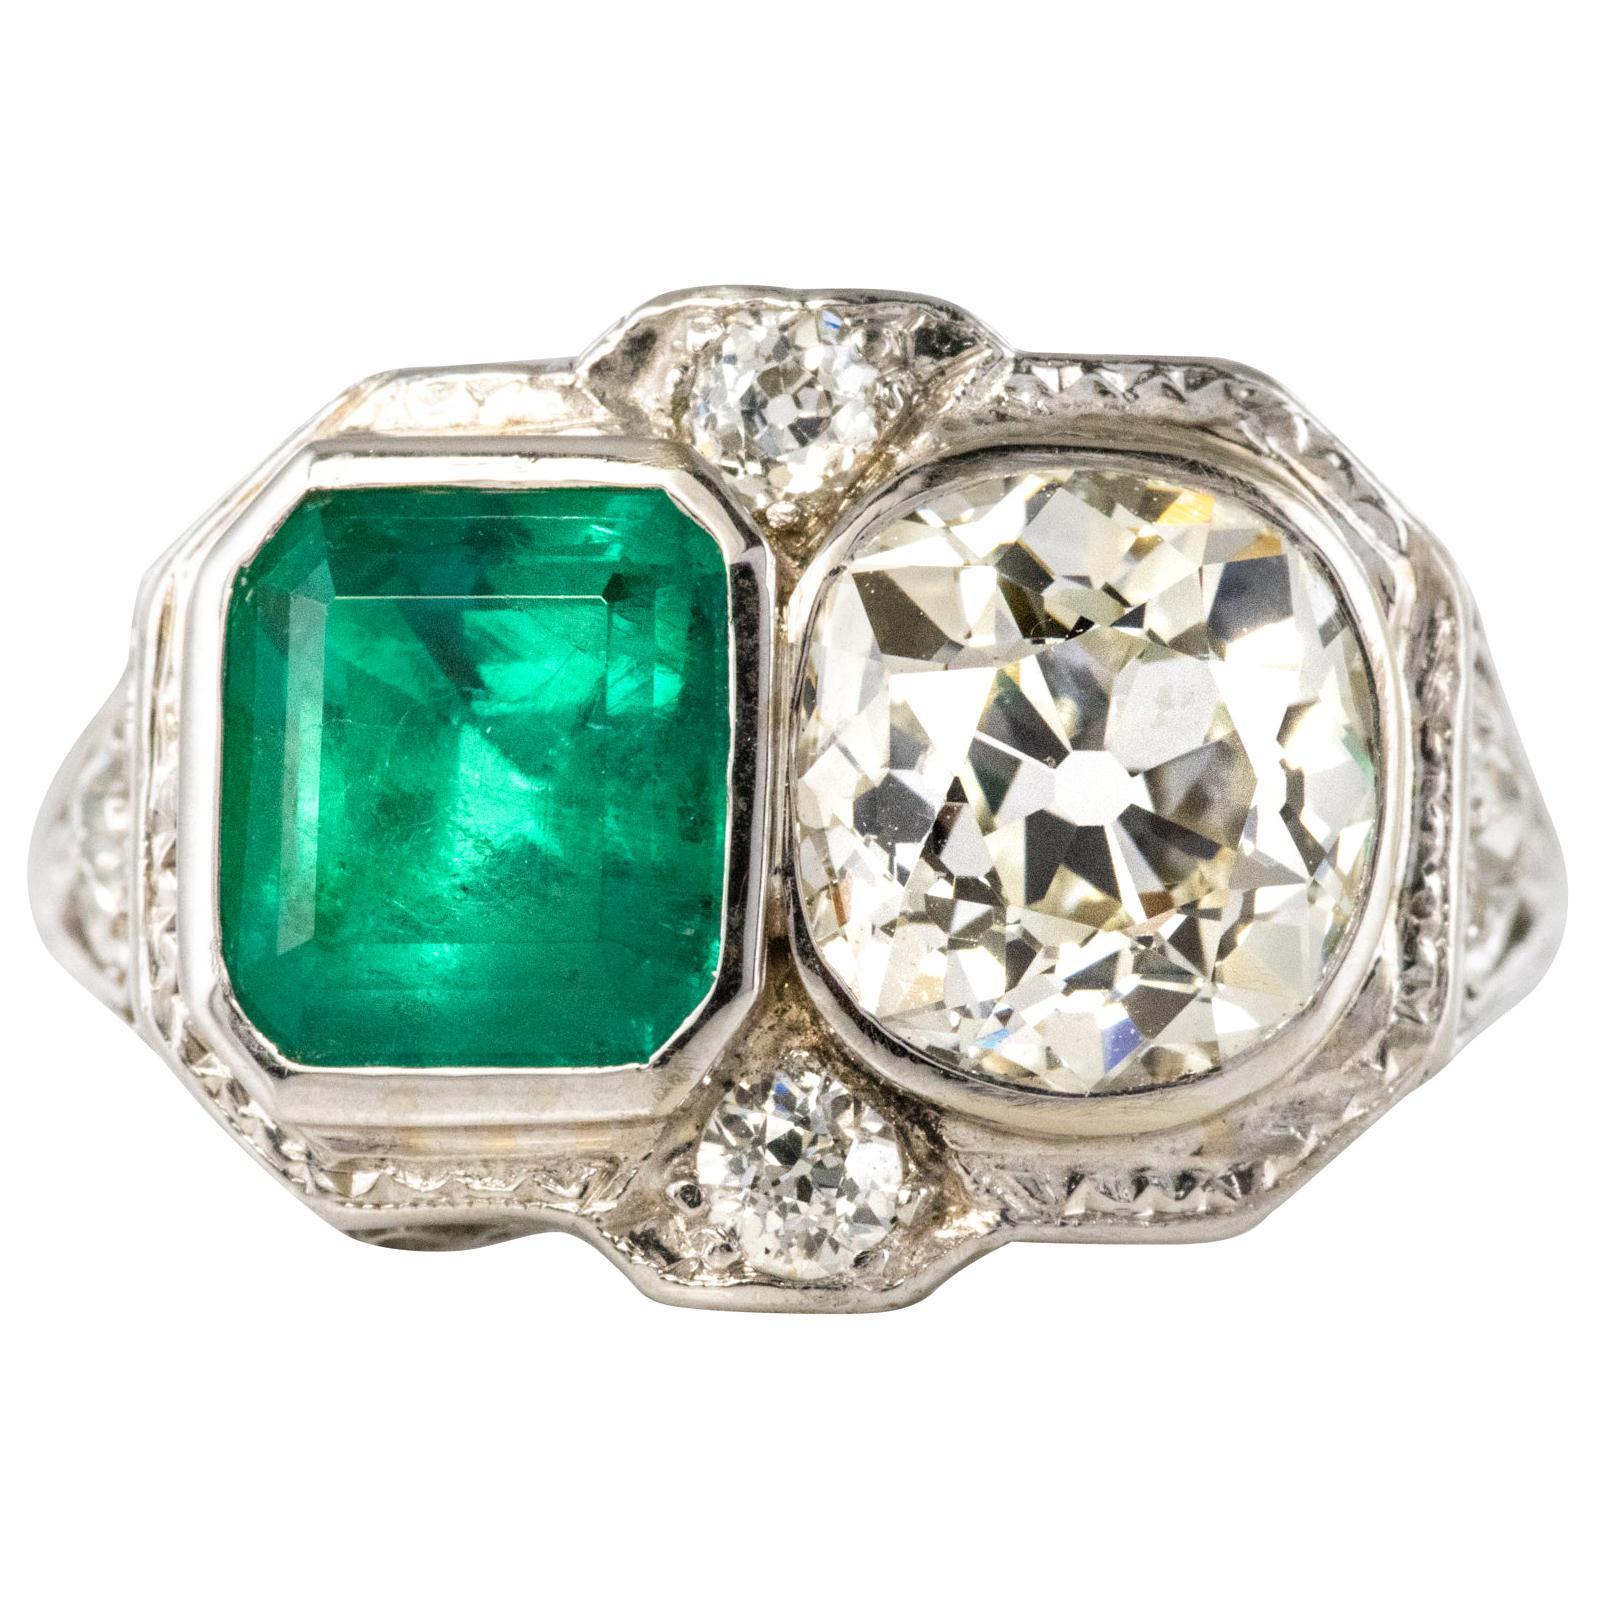 1925s Art Deco 2 Carat Emeralds 2.20 Carat Diamonds Platinum Ring